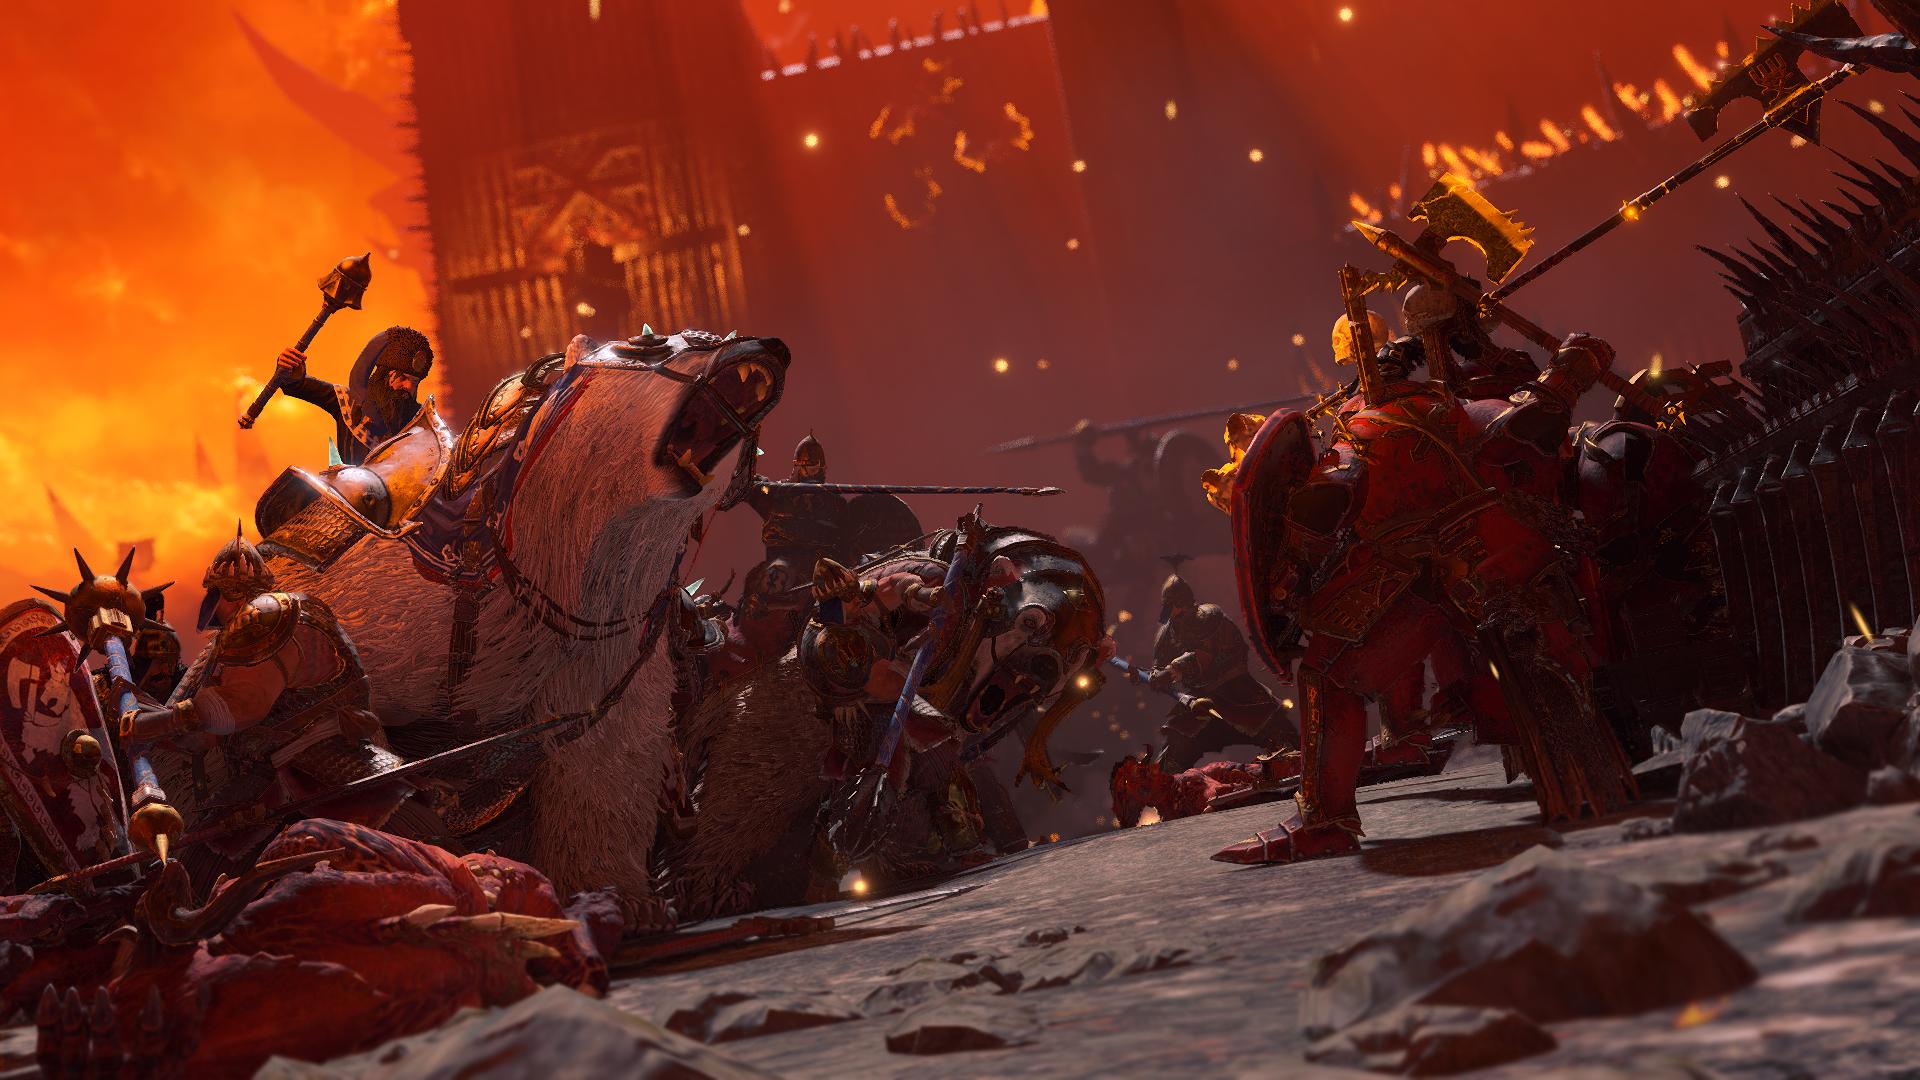 total war warhammer 3 preview battle